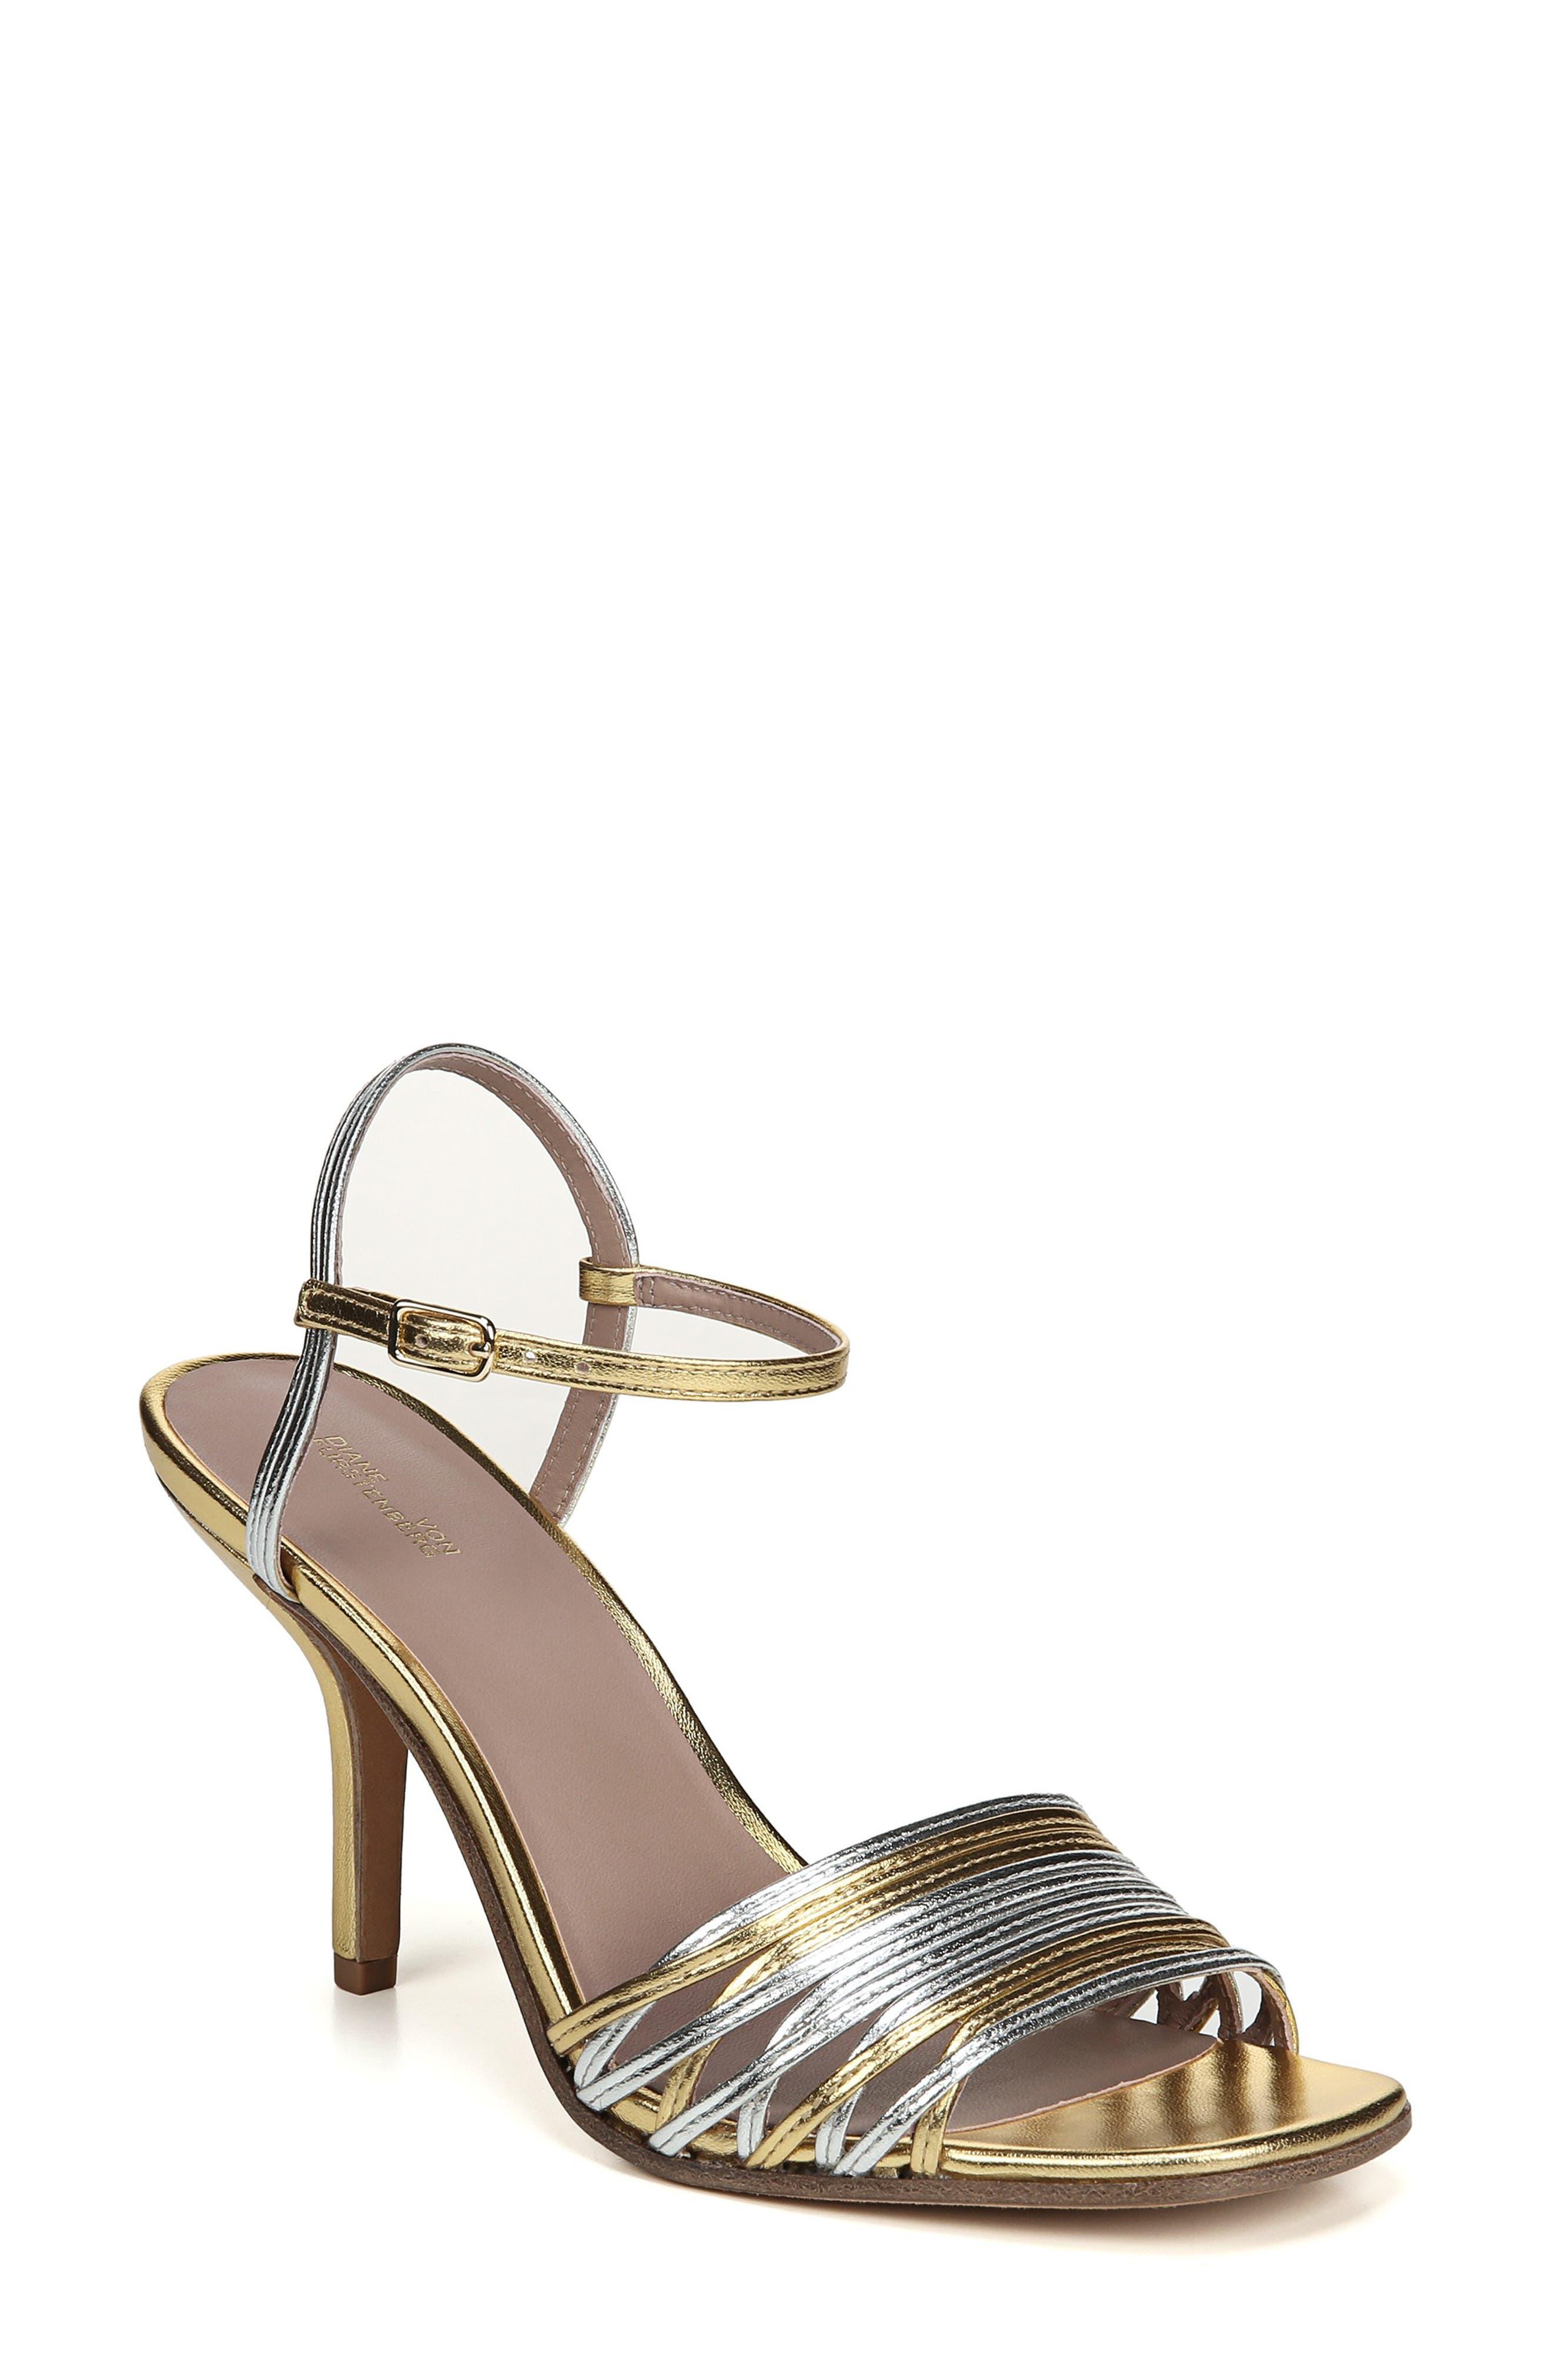 Diane Von Furstenberg Federica Sandal- Metallic